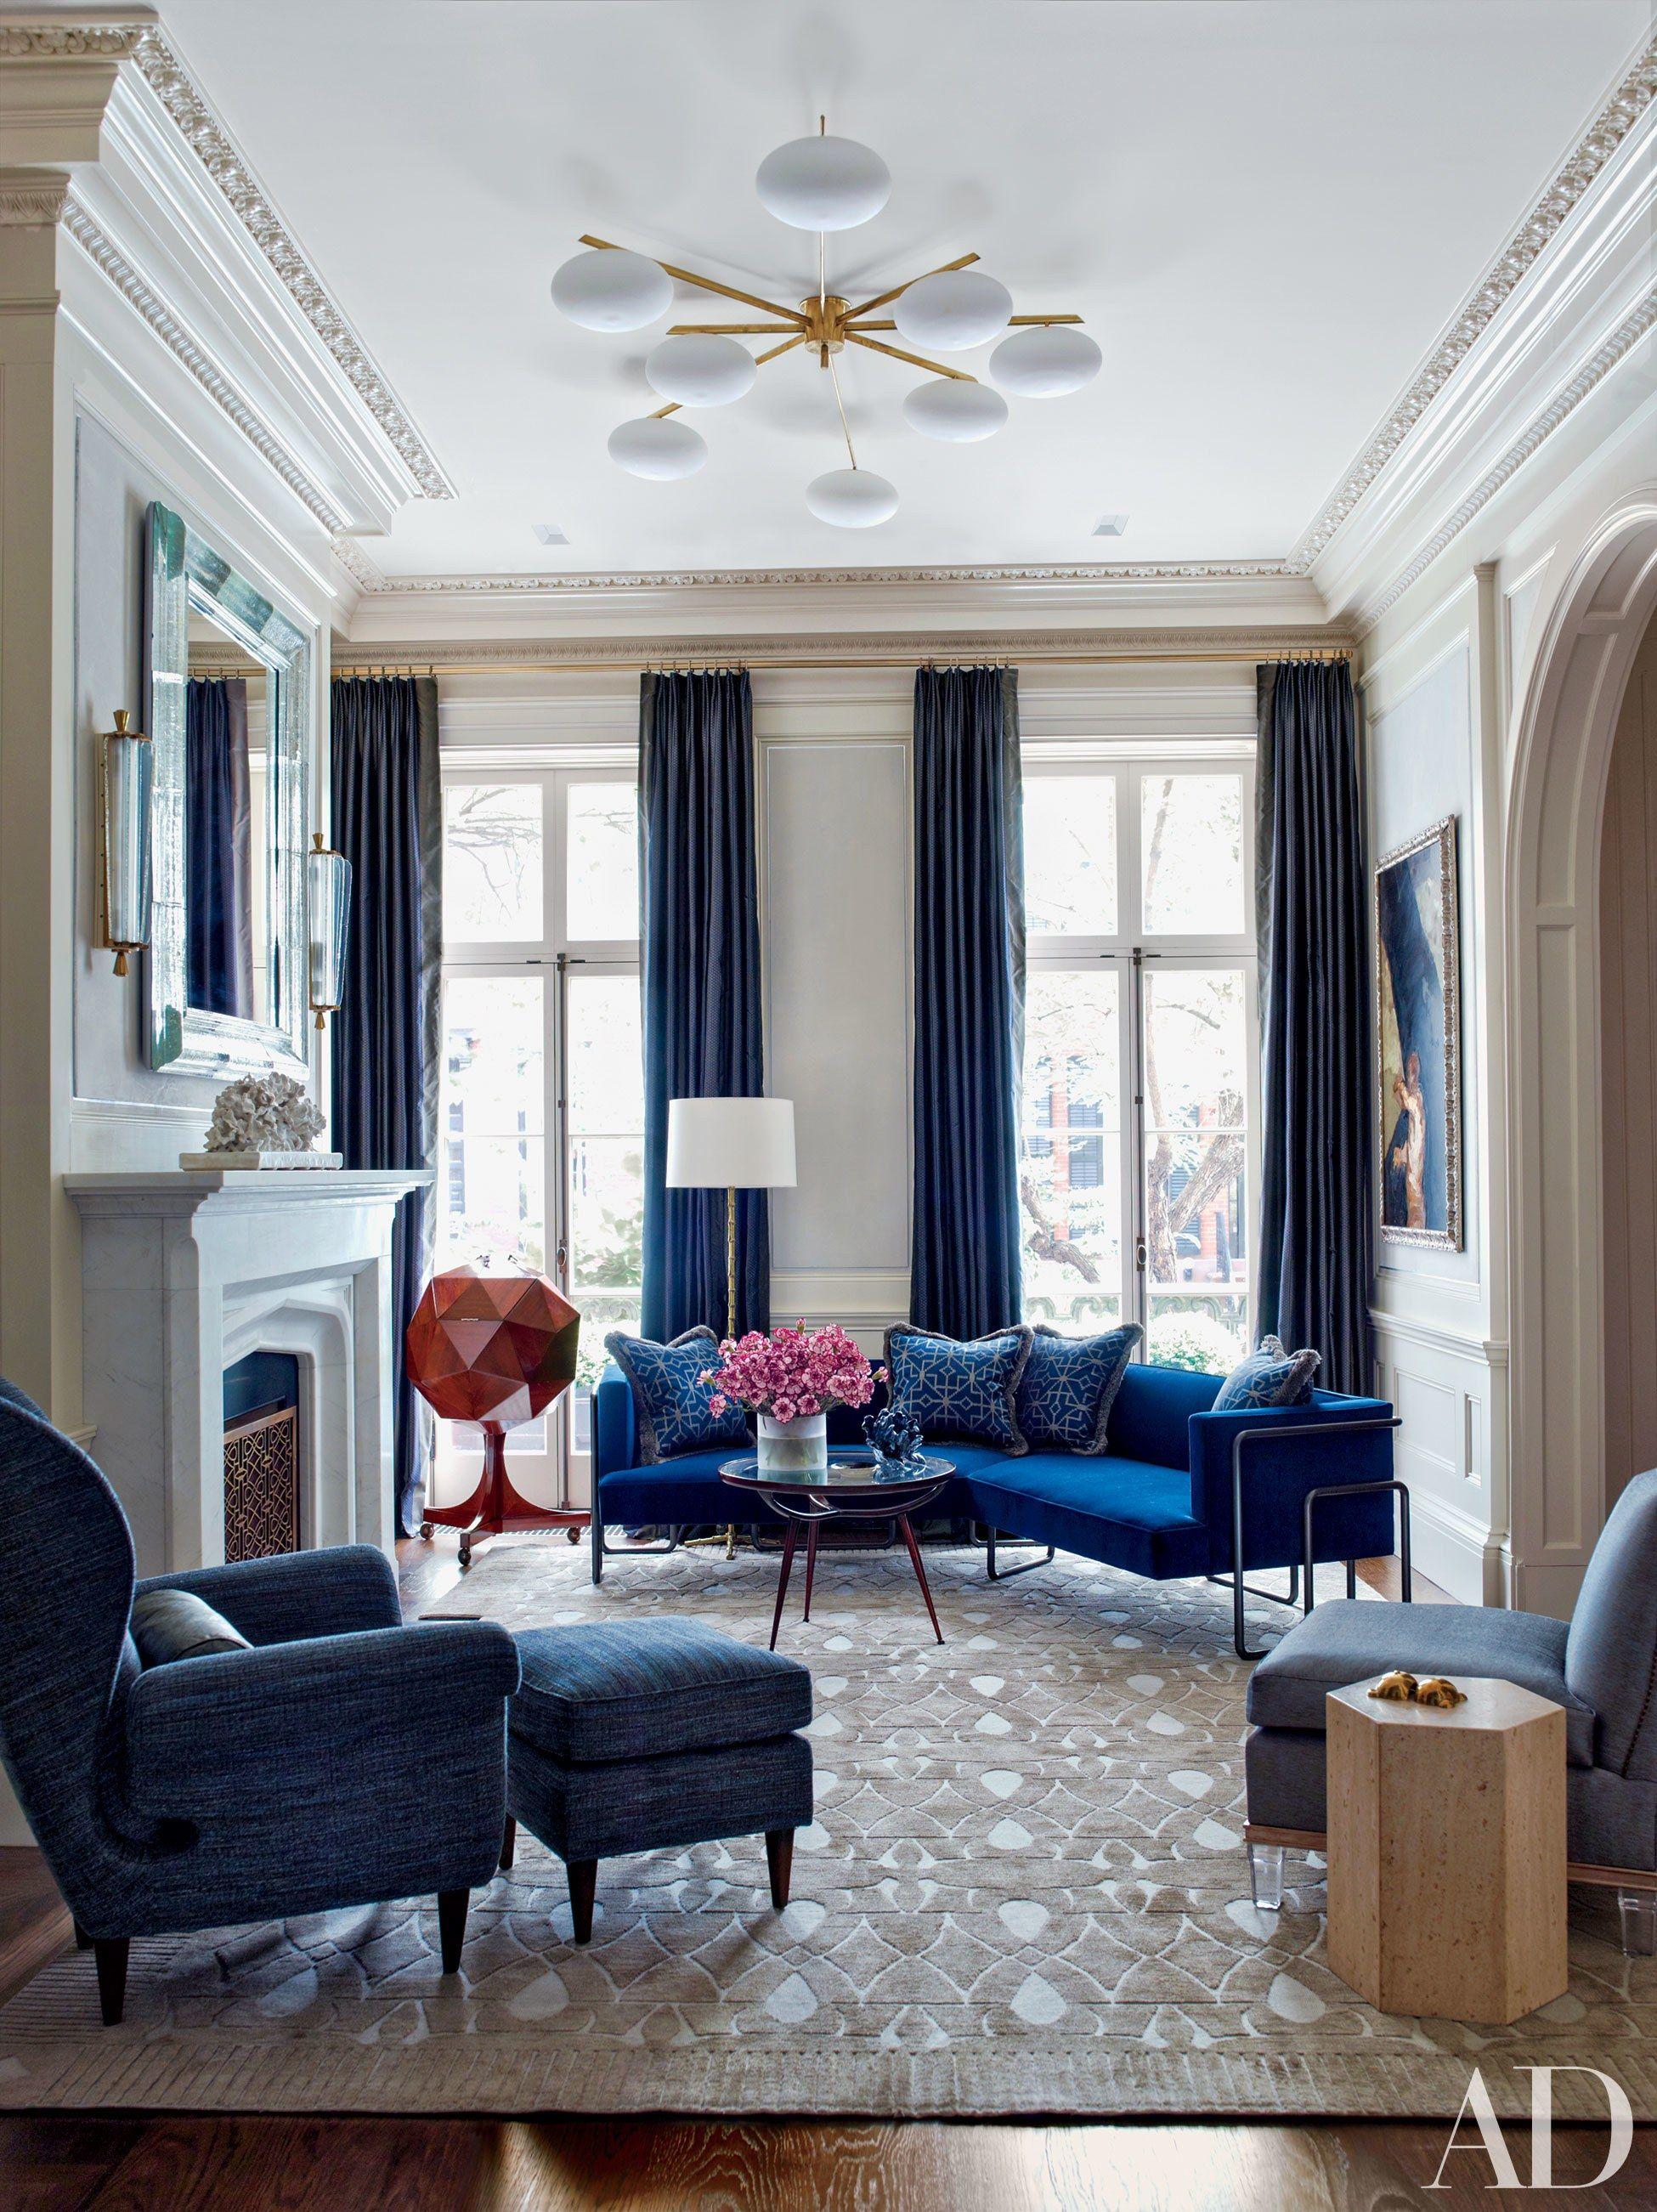 Innenarchitektur wohnzimmer für kleine wohnung  contemporary rooms by shawn henderson interior design  innenräume